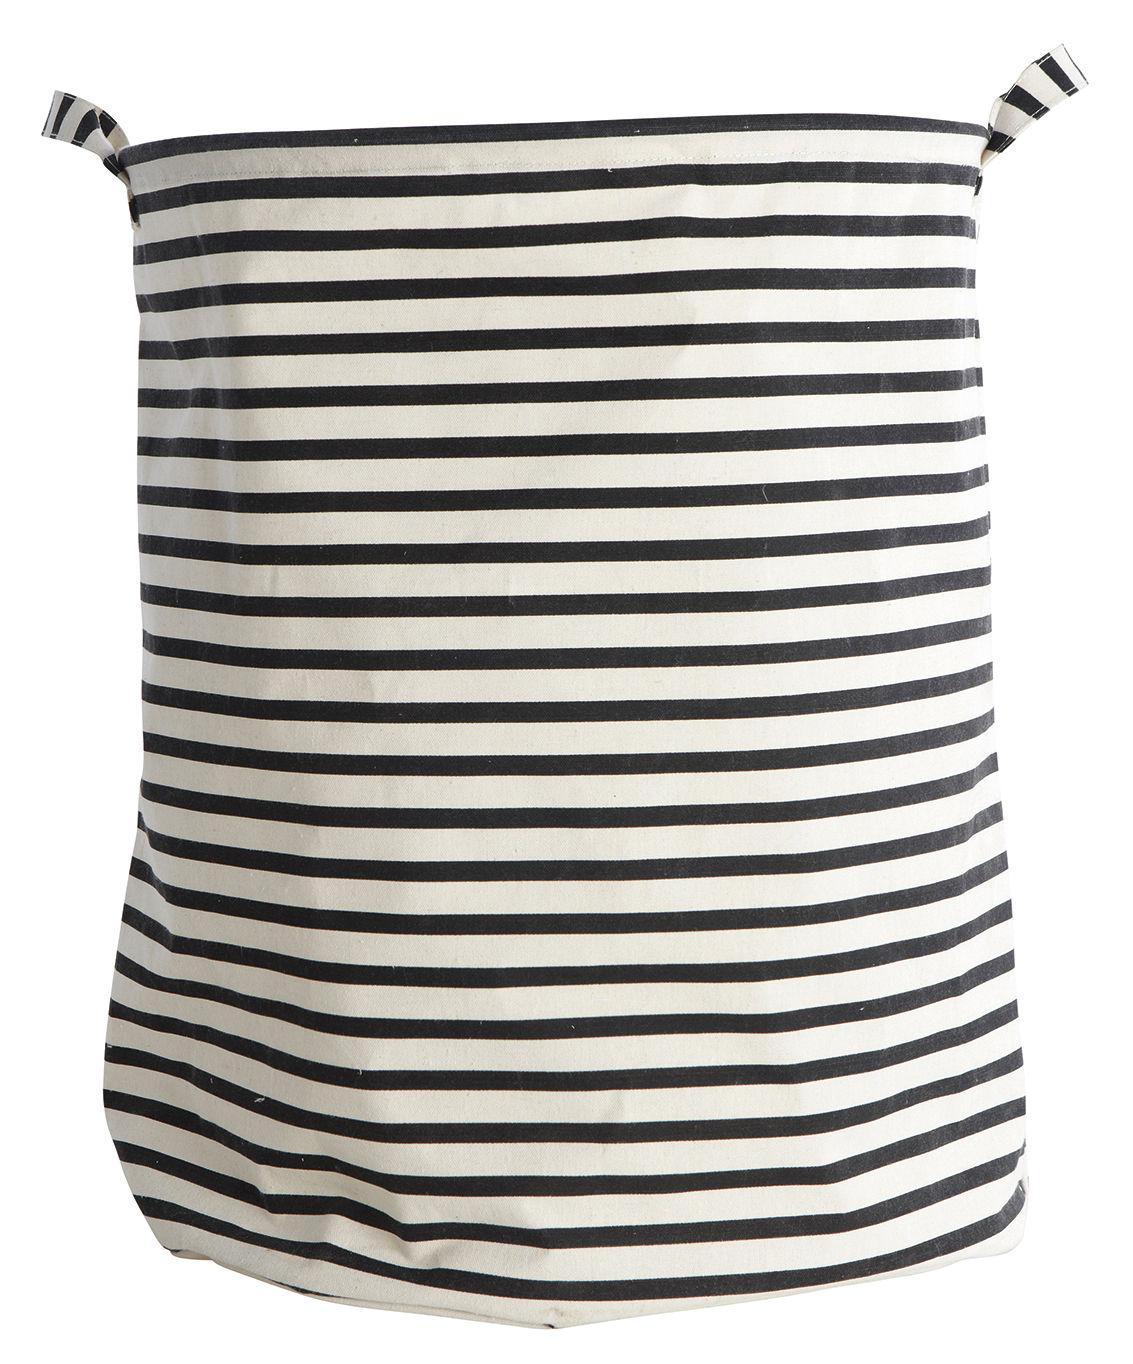 Déco - Paniers et petits rangements - Corbeille à linge Stripes /Ø 40 x H 50 cm - House Doctor - Rayures - Coton, Polyester